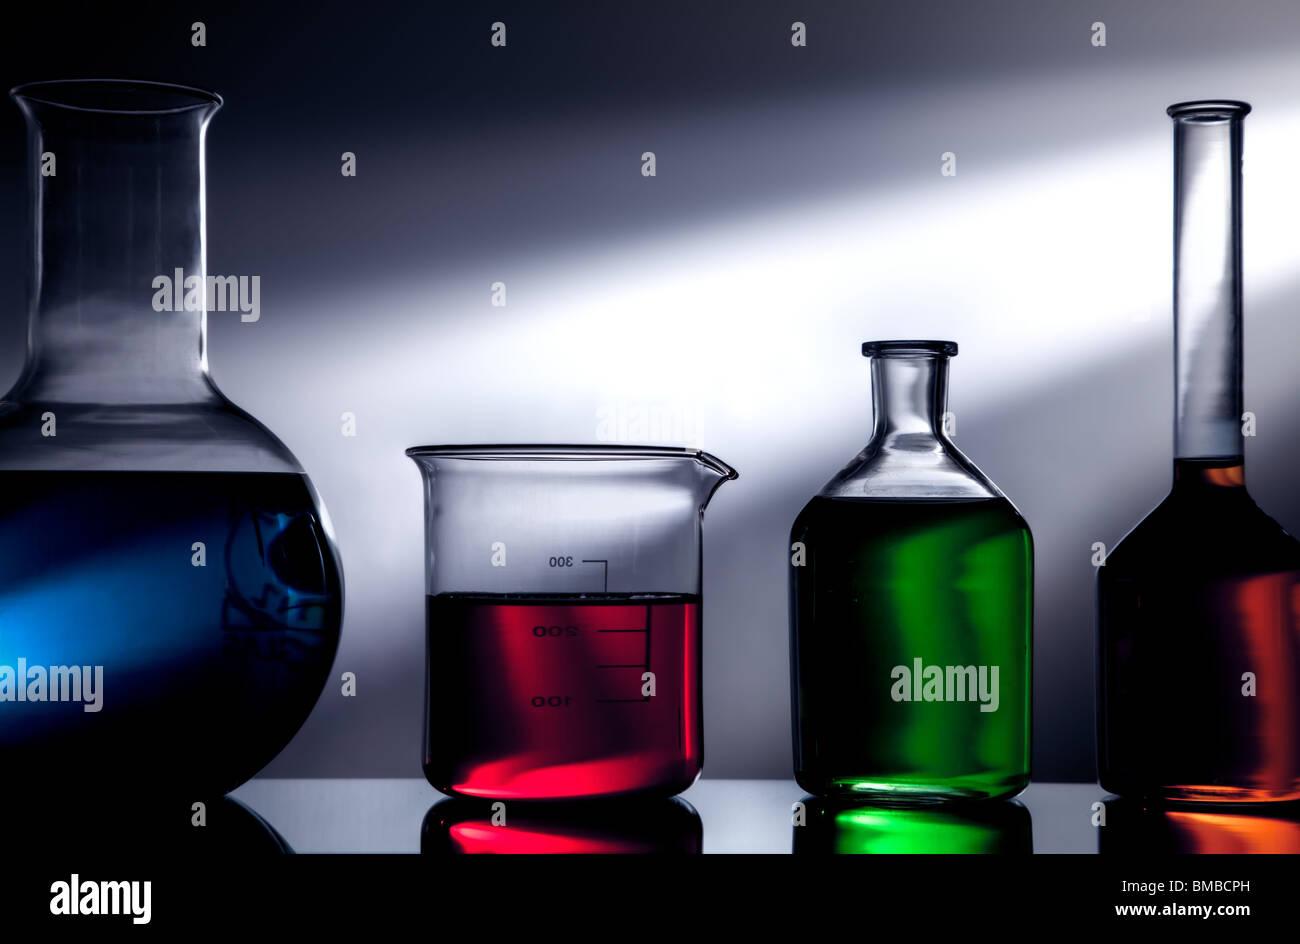 Cristalería de laboratorio Imagen De Stock